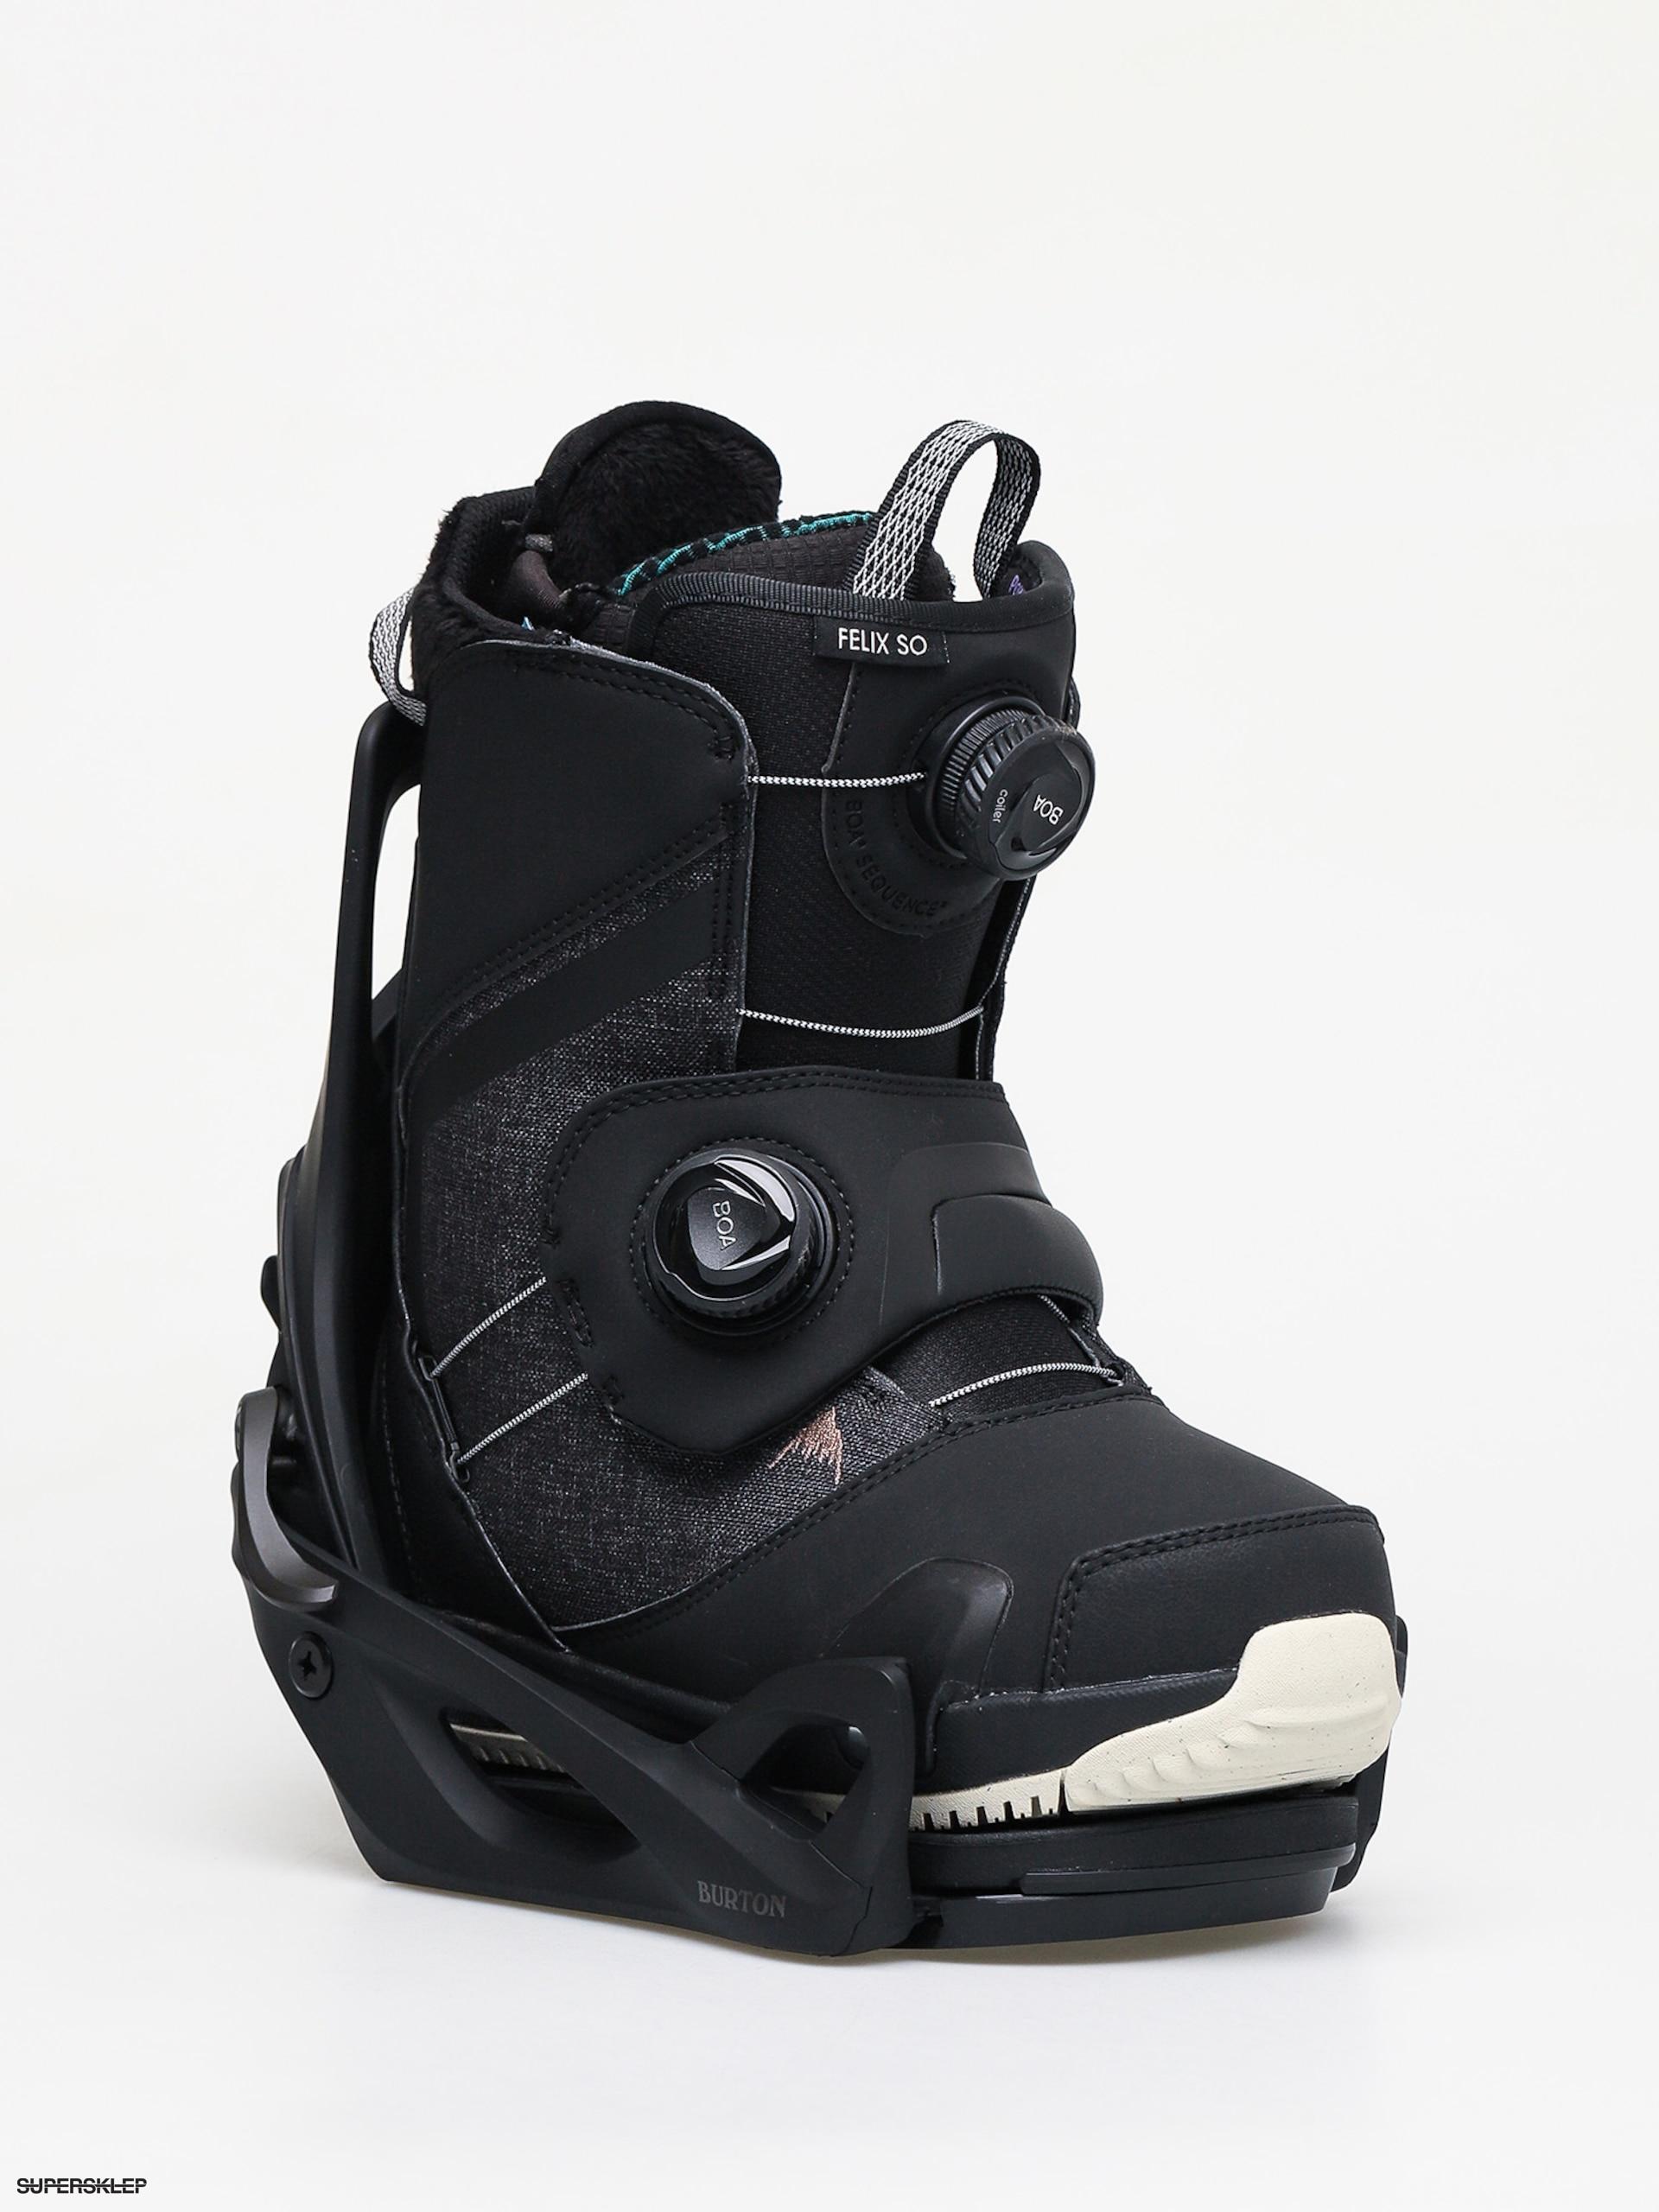 burton felix step on damskie wiązania buty snowboard